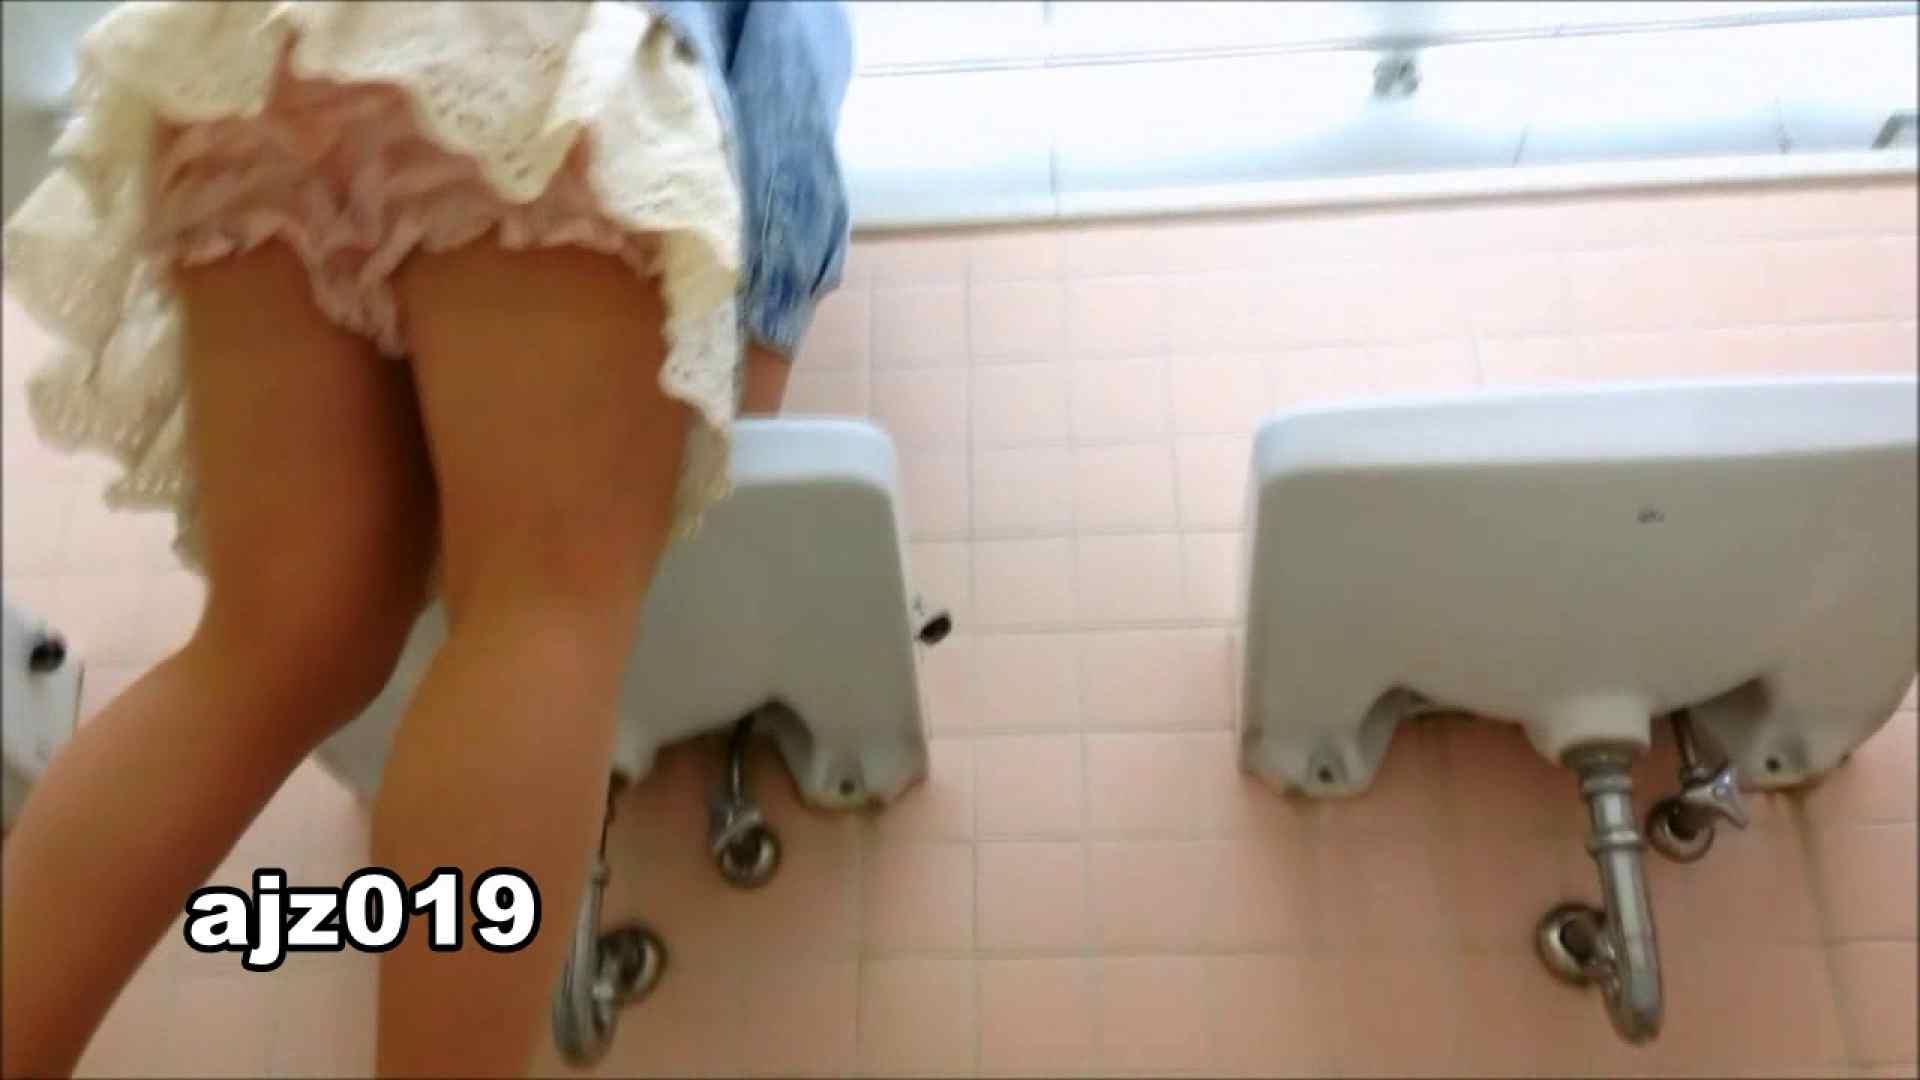 某有名大学女性洗面所 vol.19 OLエロ画像 のぞきエロ無料画像 109PICs 38